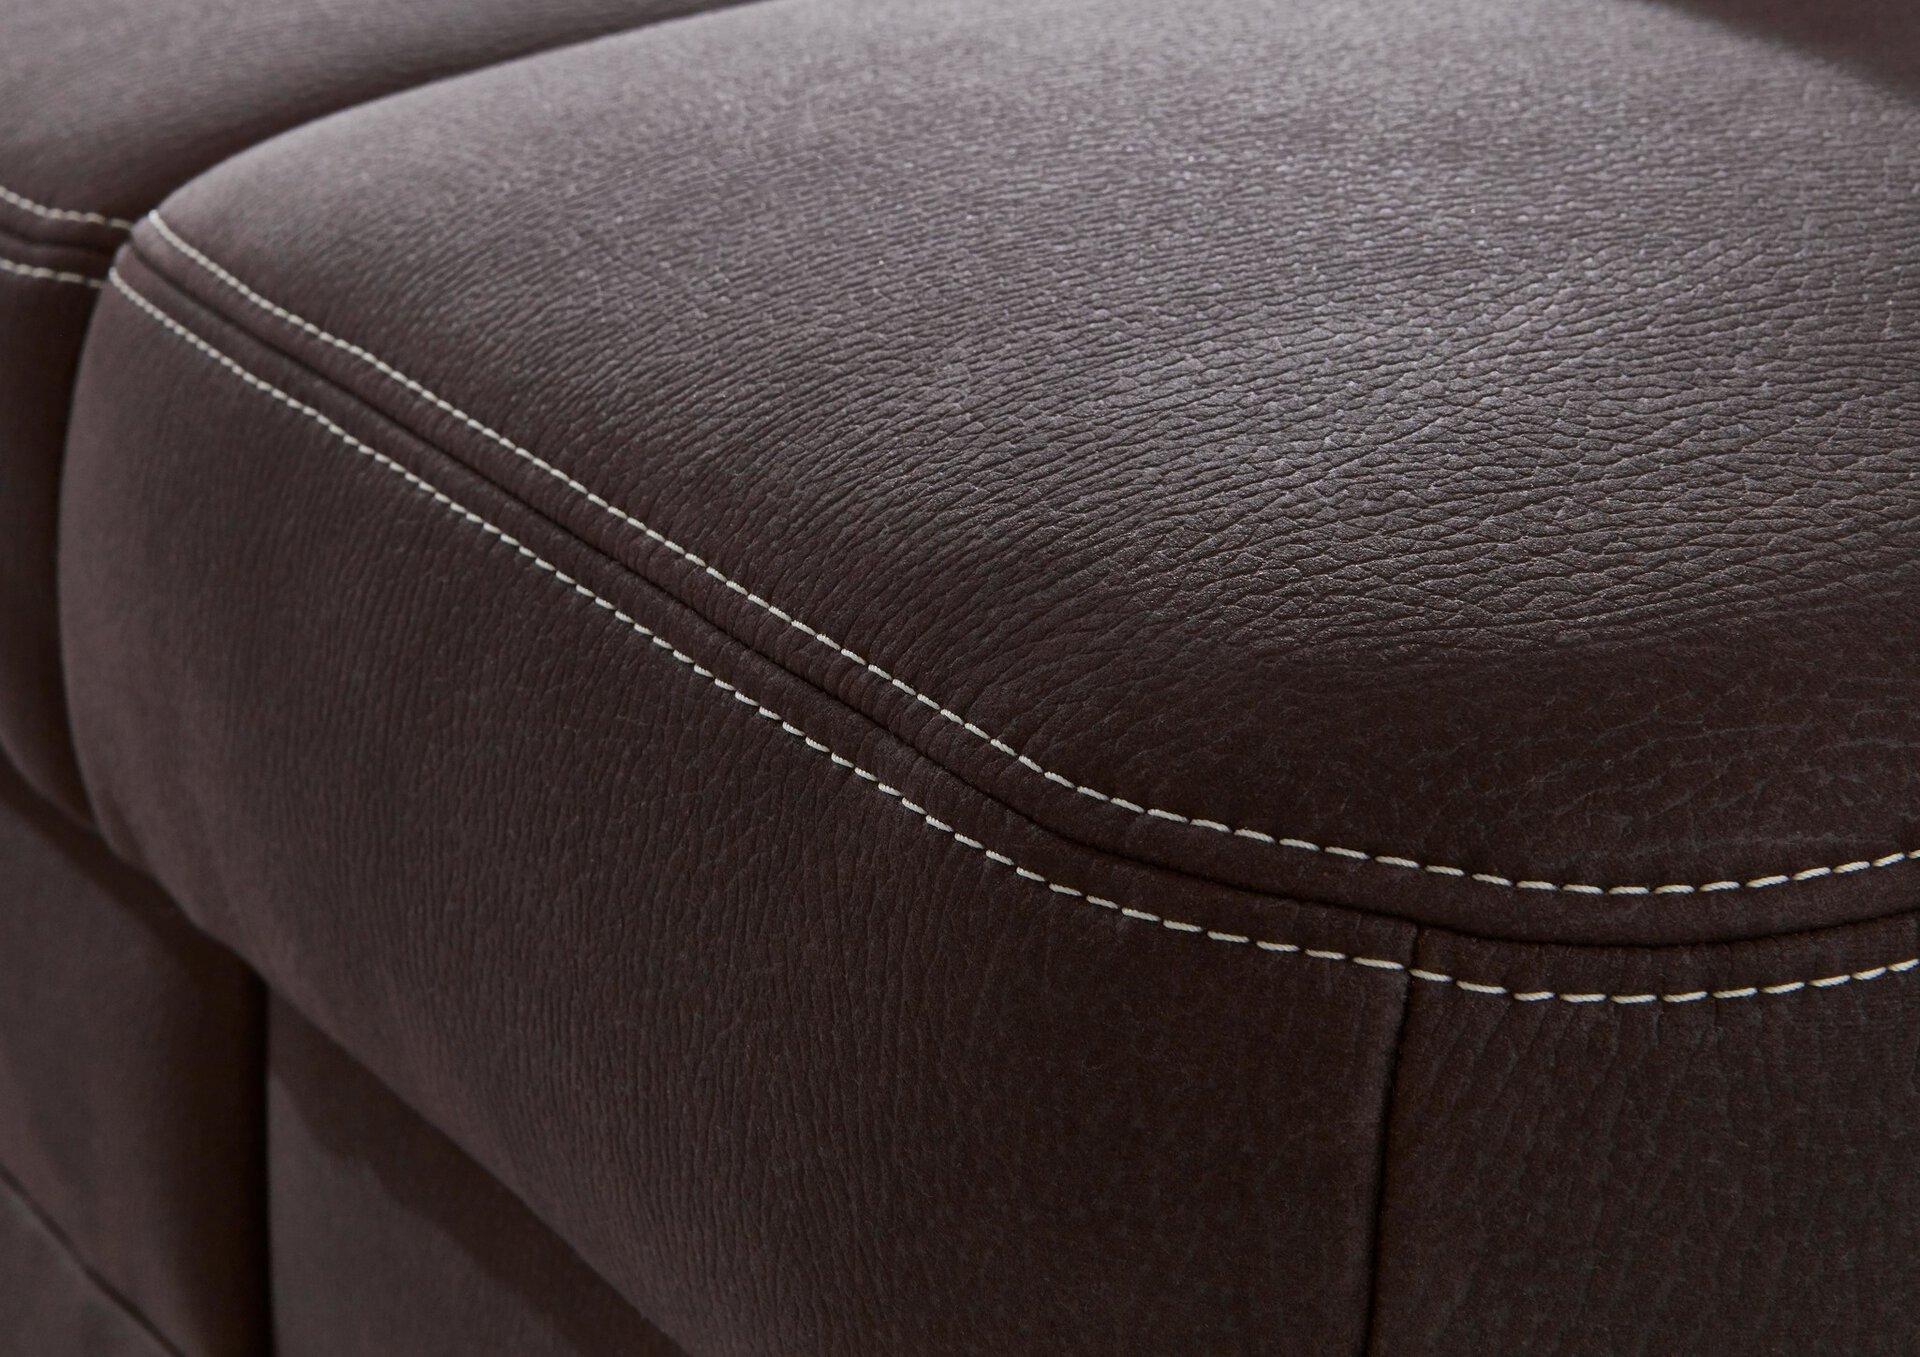 Polstergarnitur PP-HS17047 Systempolster Textil braun 318 x 103 x 327 cm